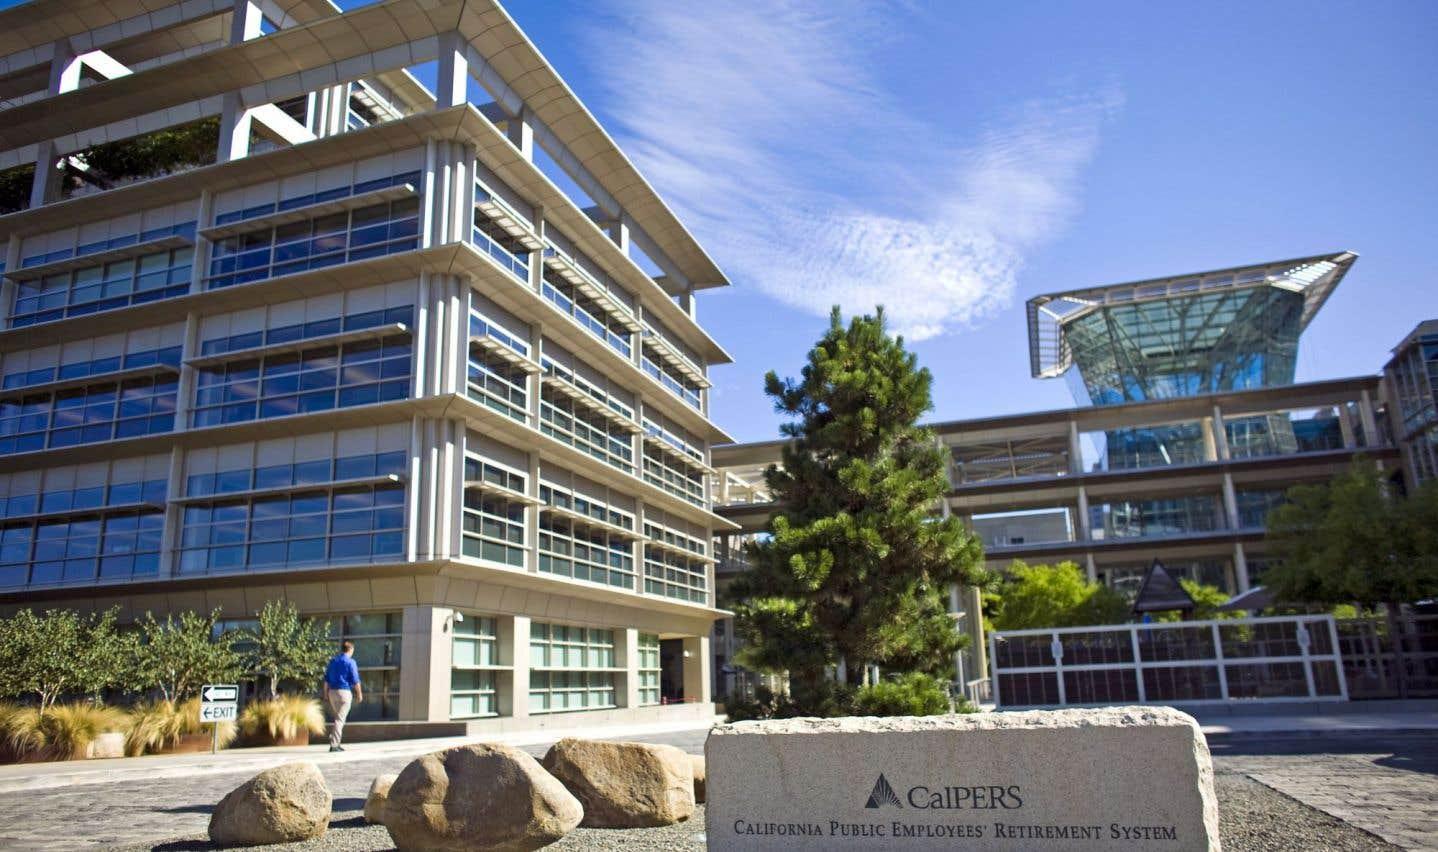 Les fonds de pension canadiens devraient s'inspirer du système de retraite de l'administration publique californienne, CalPERS, qui a adopté des stratégies de lutte contre les changements climatiques.